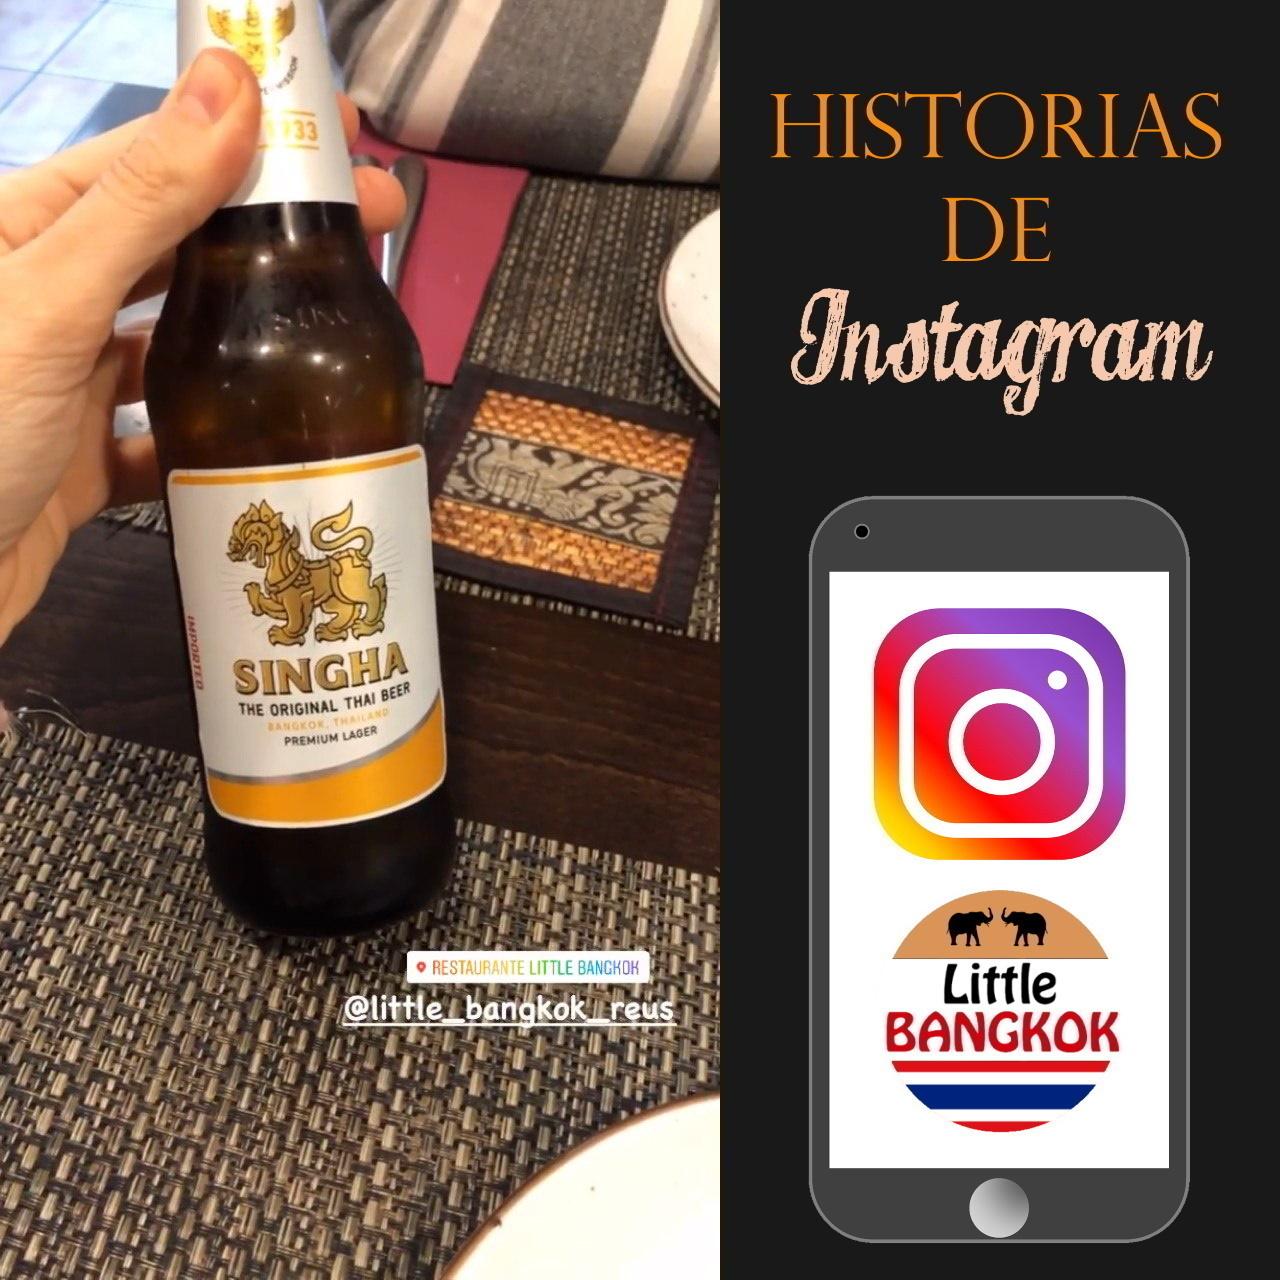 Historias de Instagram - 03 - Marzo 3